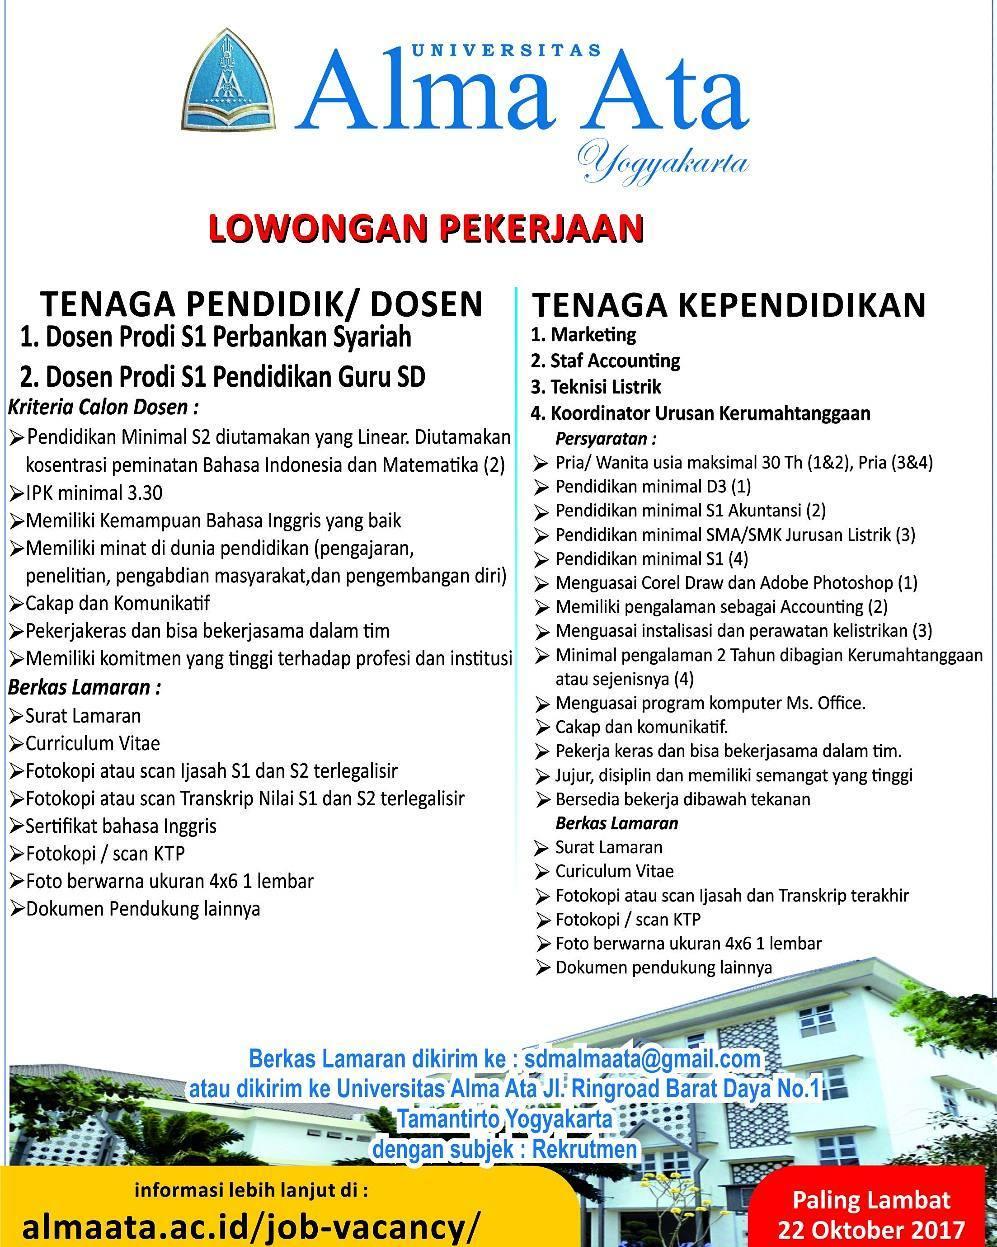 Lowongan Dosen Perbankan dan PGSD Universitas Alma Ata Yogyakarta